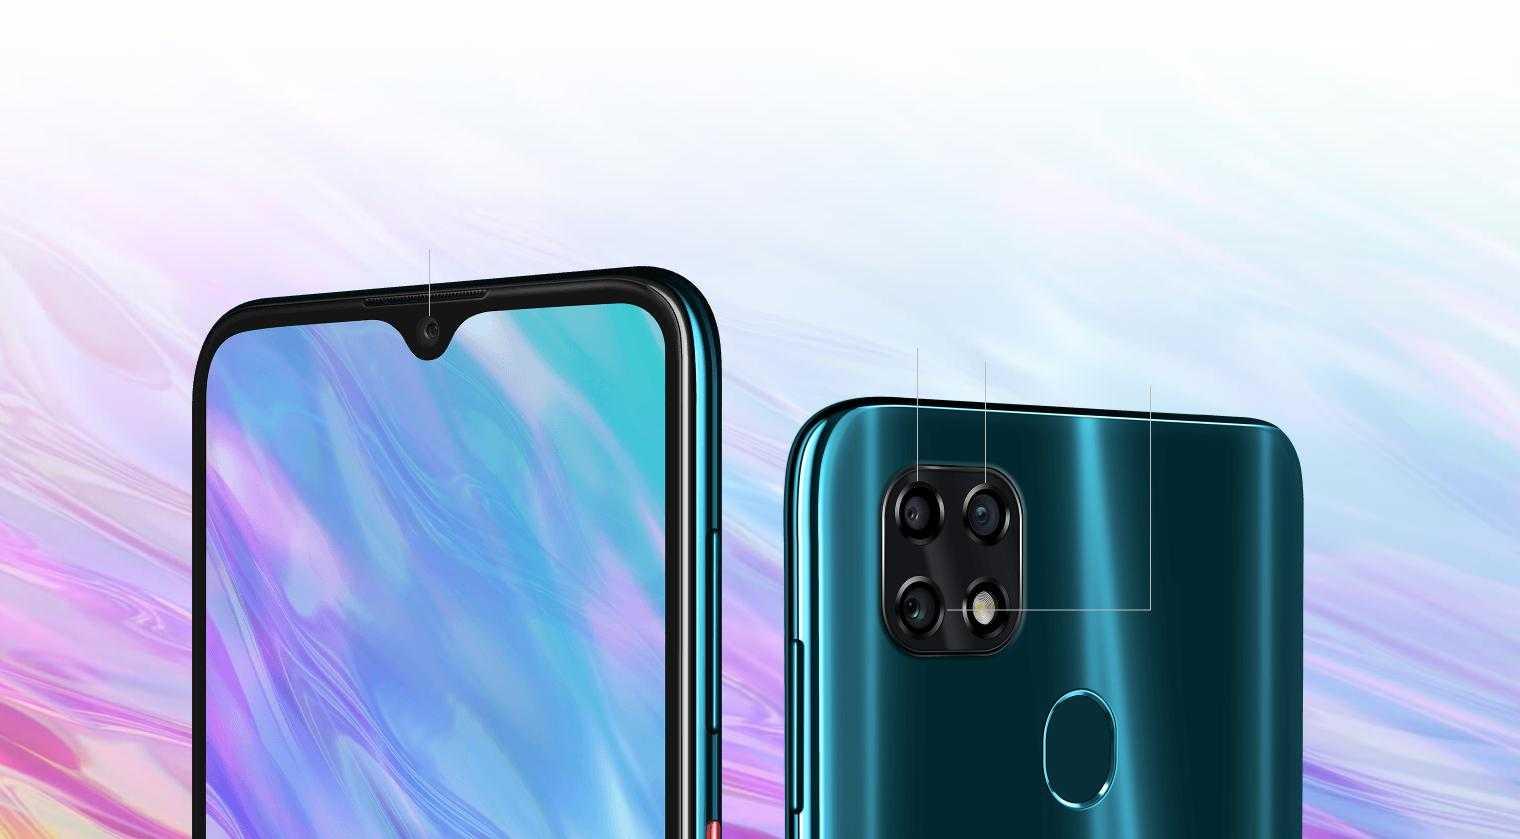 Топ-9 лучших смартфонов zte 2020 года в рейтинге zuzako